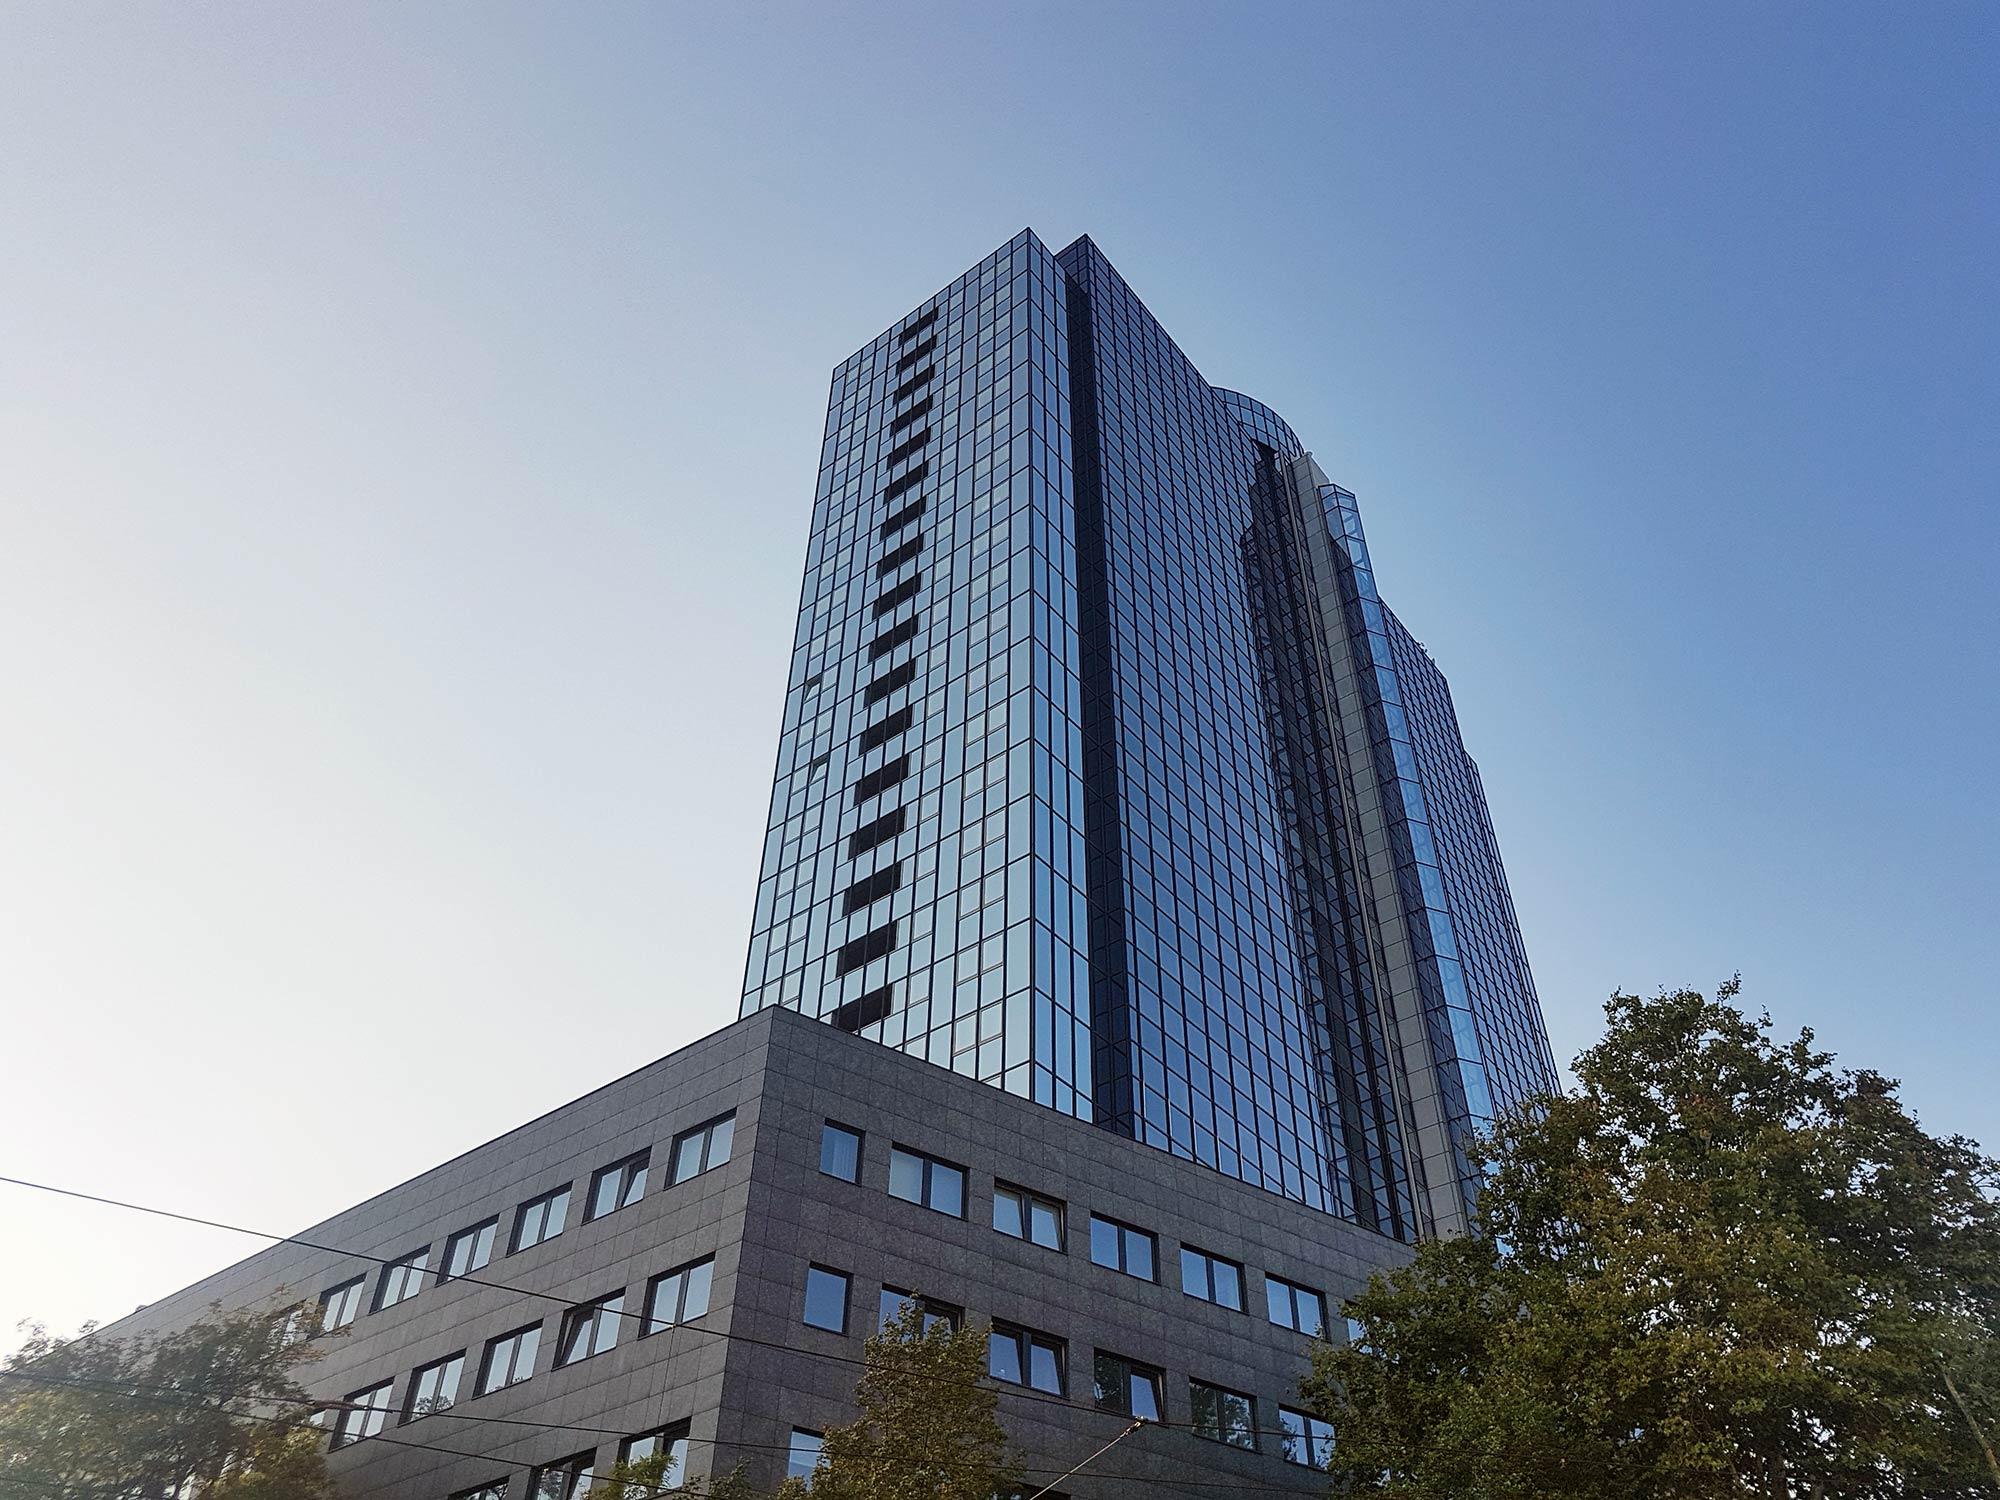 Citygate Frankfurt - BCN Hochhaus am Nibelungenplatz - Architektur on Novotny Maehner